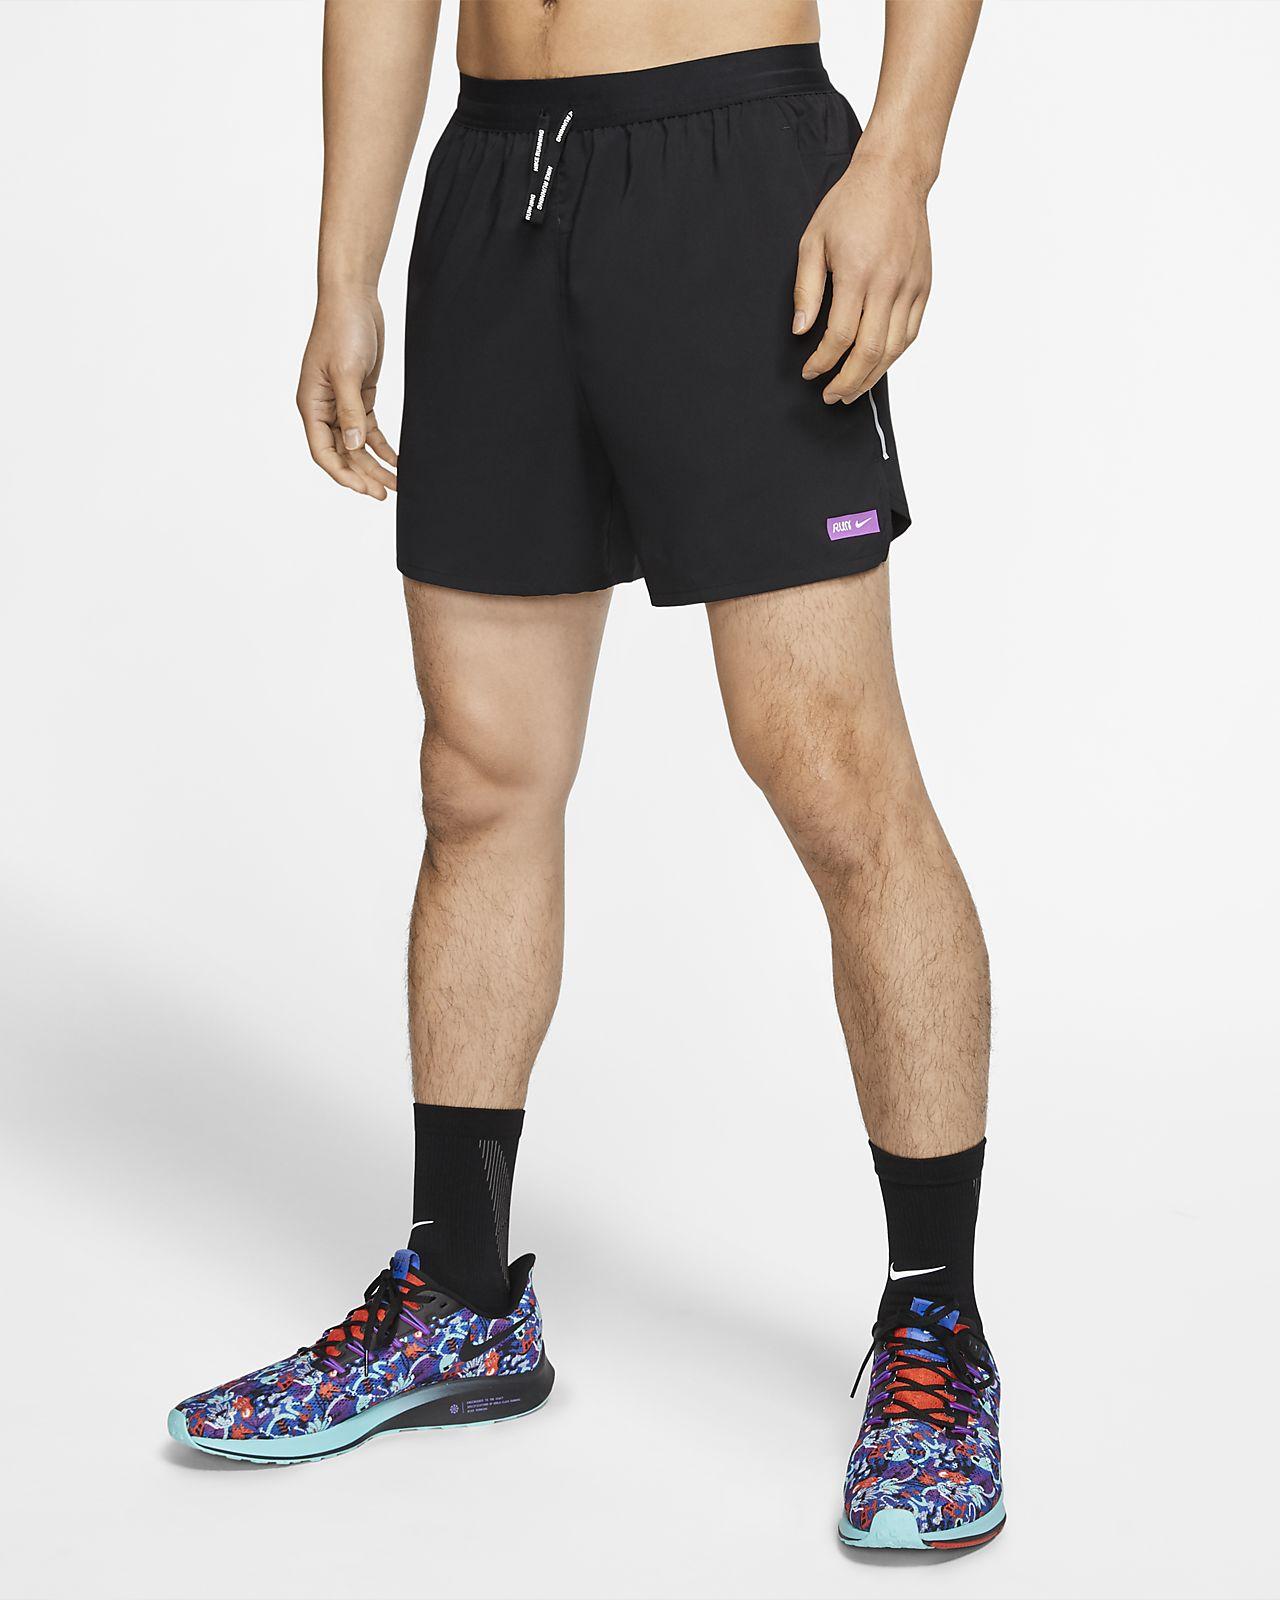 Ladies NIKE FLEX RUNNING Shorts  Large